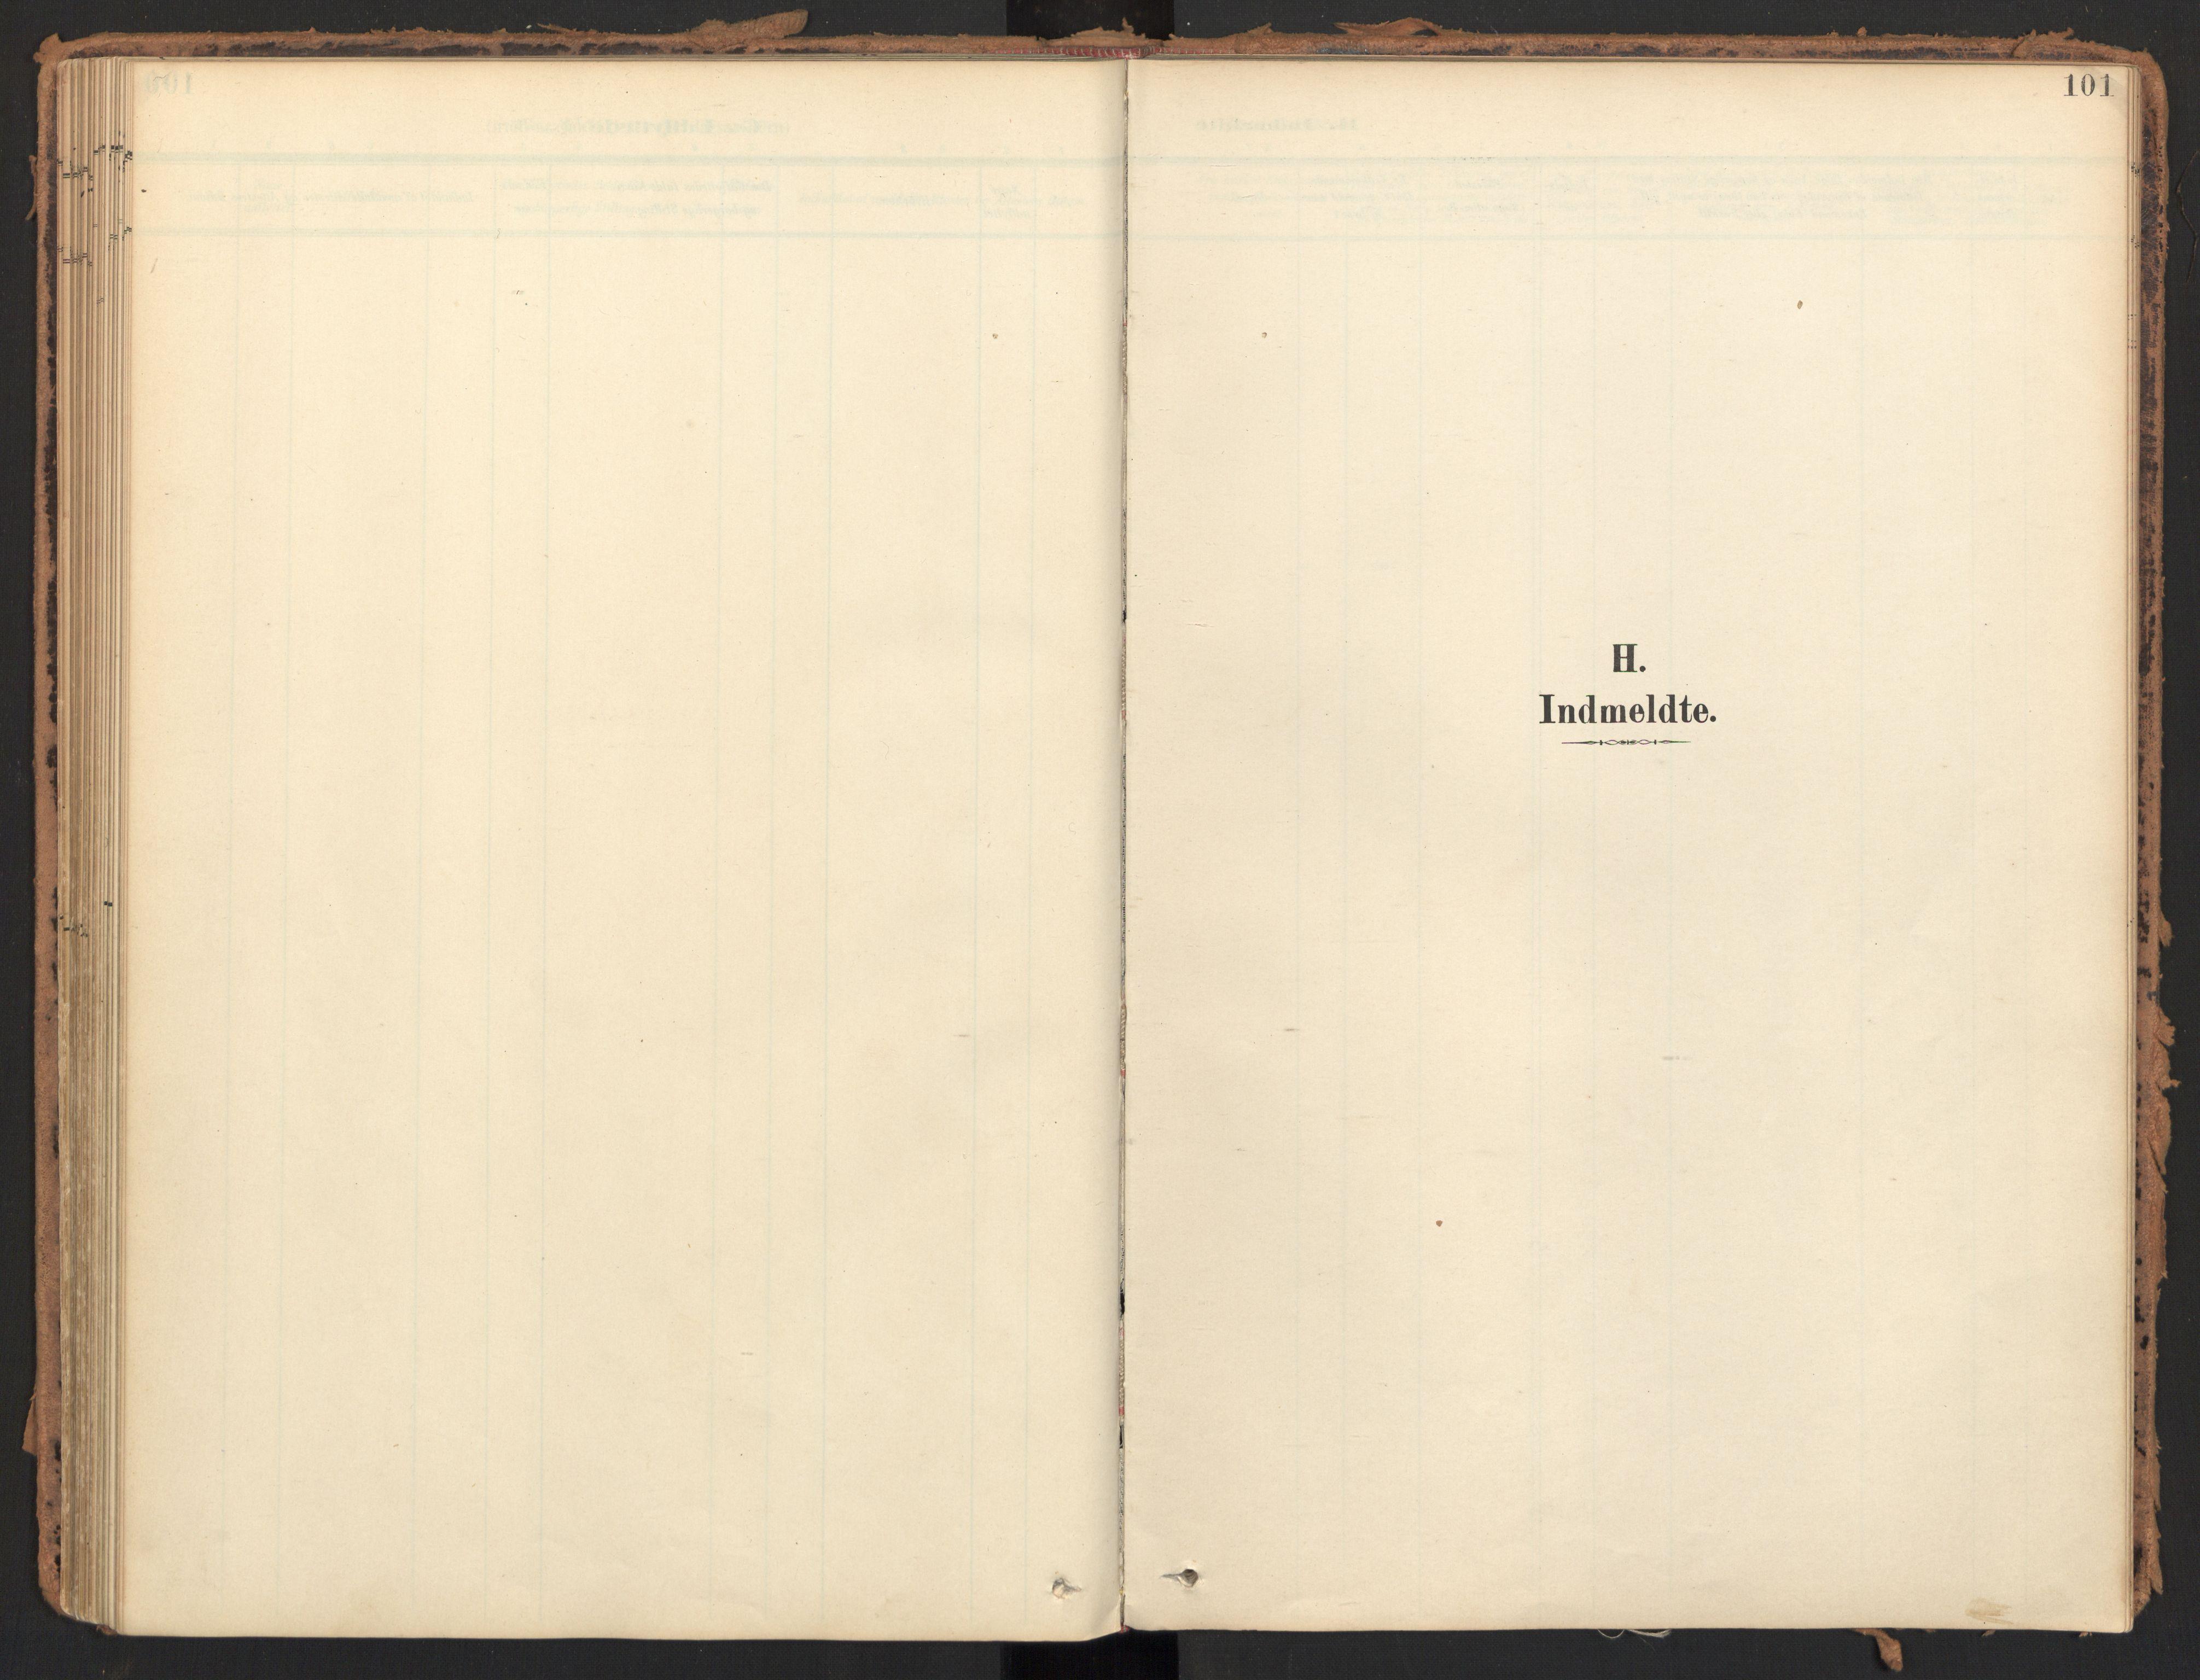 SAT, Ministerialprotokoller, klokkerbøker og fødselsregistre - Møre og Romsdal, 595/L1048: Ministerialbok nr. 595A10, 1900-1917, s. 101